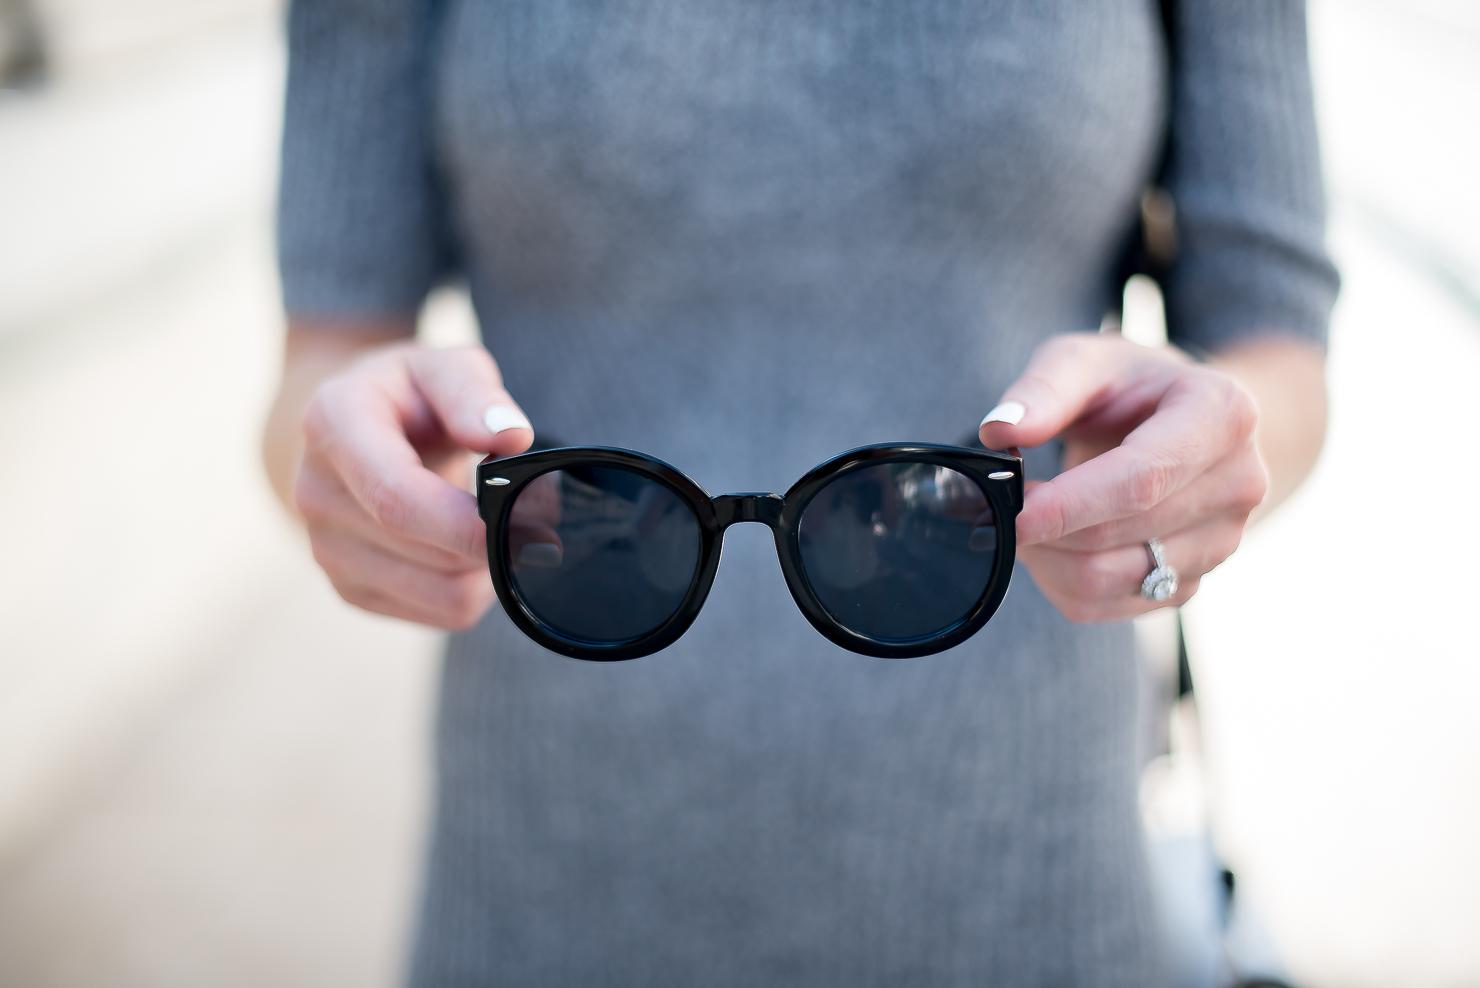 bLack round retro sunglasses